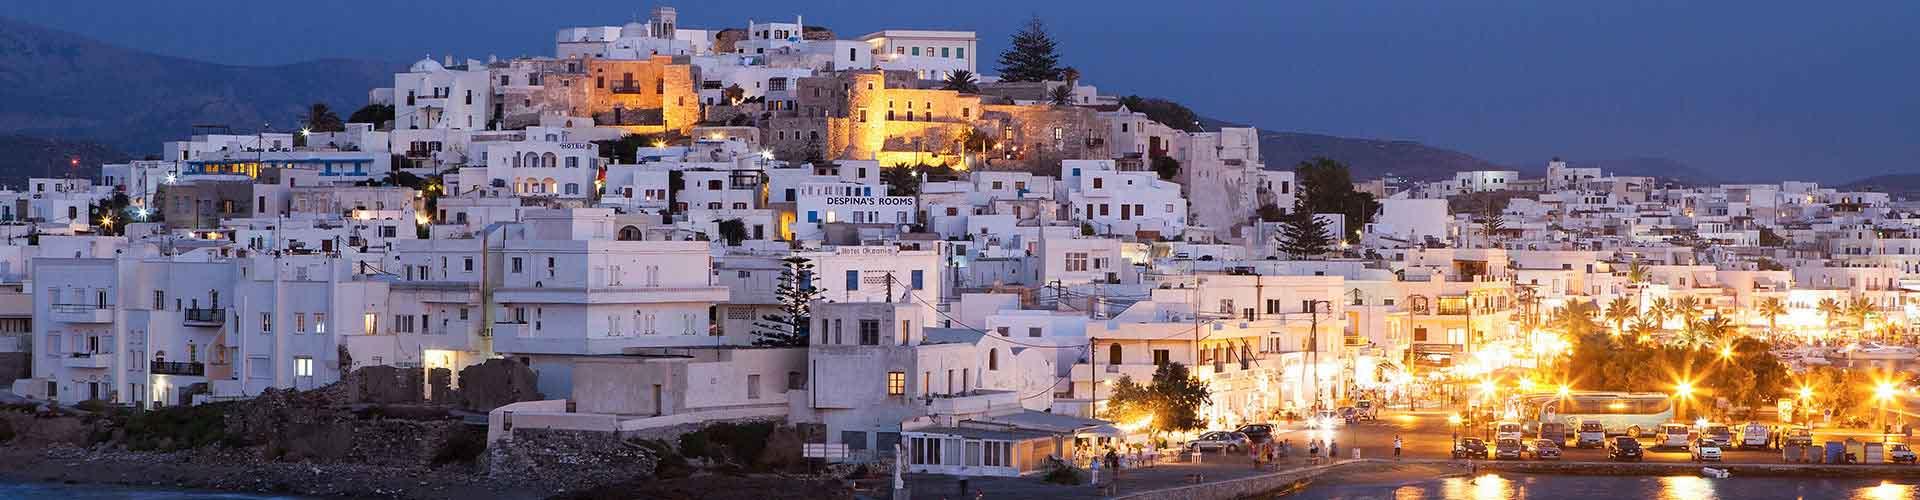 Isla de Naxos - Hoteles baratos en Isla de Naxos. Mapas de Isla de Naxos, Fotos y comentarios de cada Hotel en Isla de Naxos.